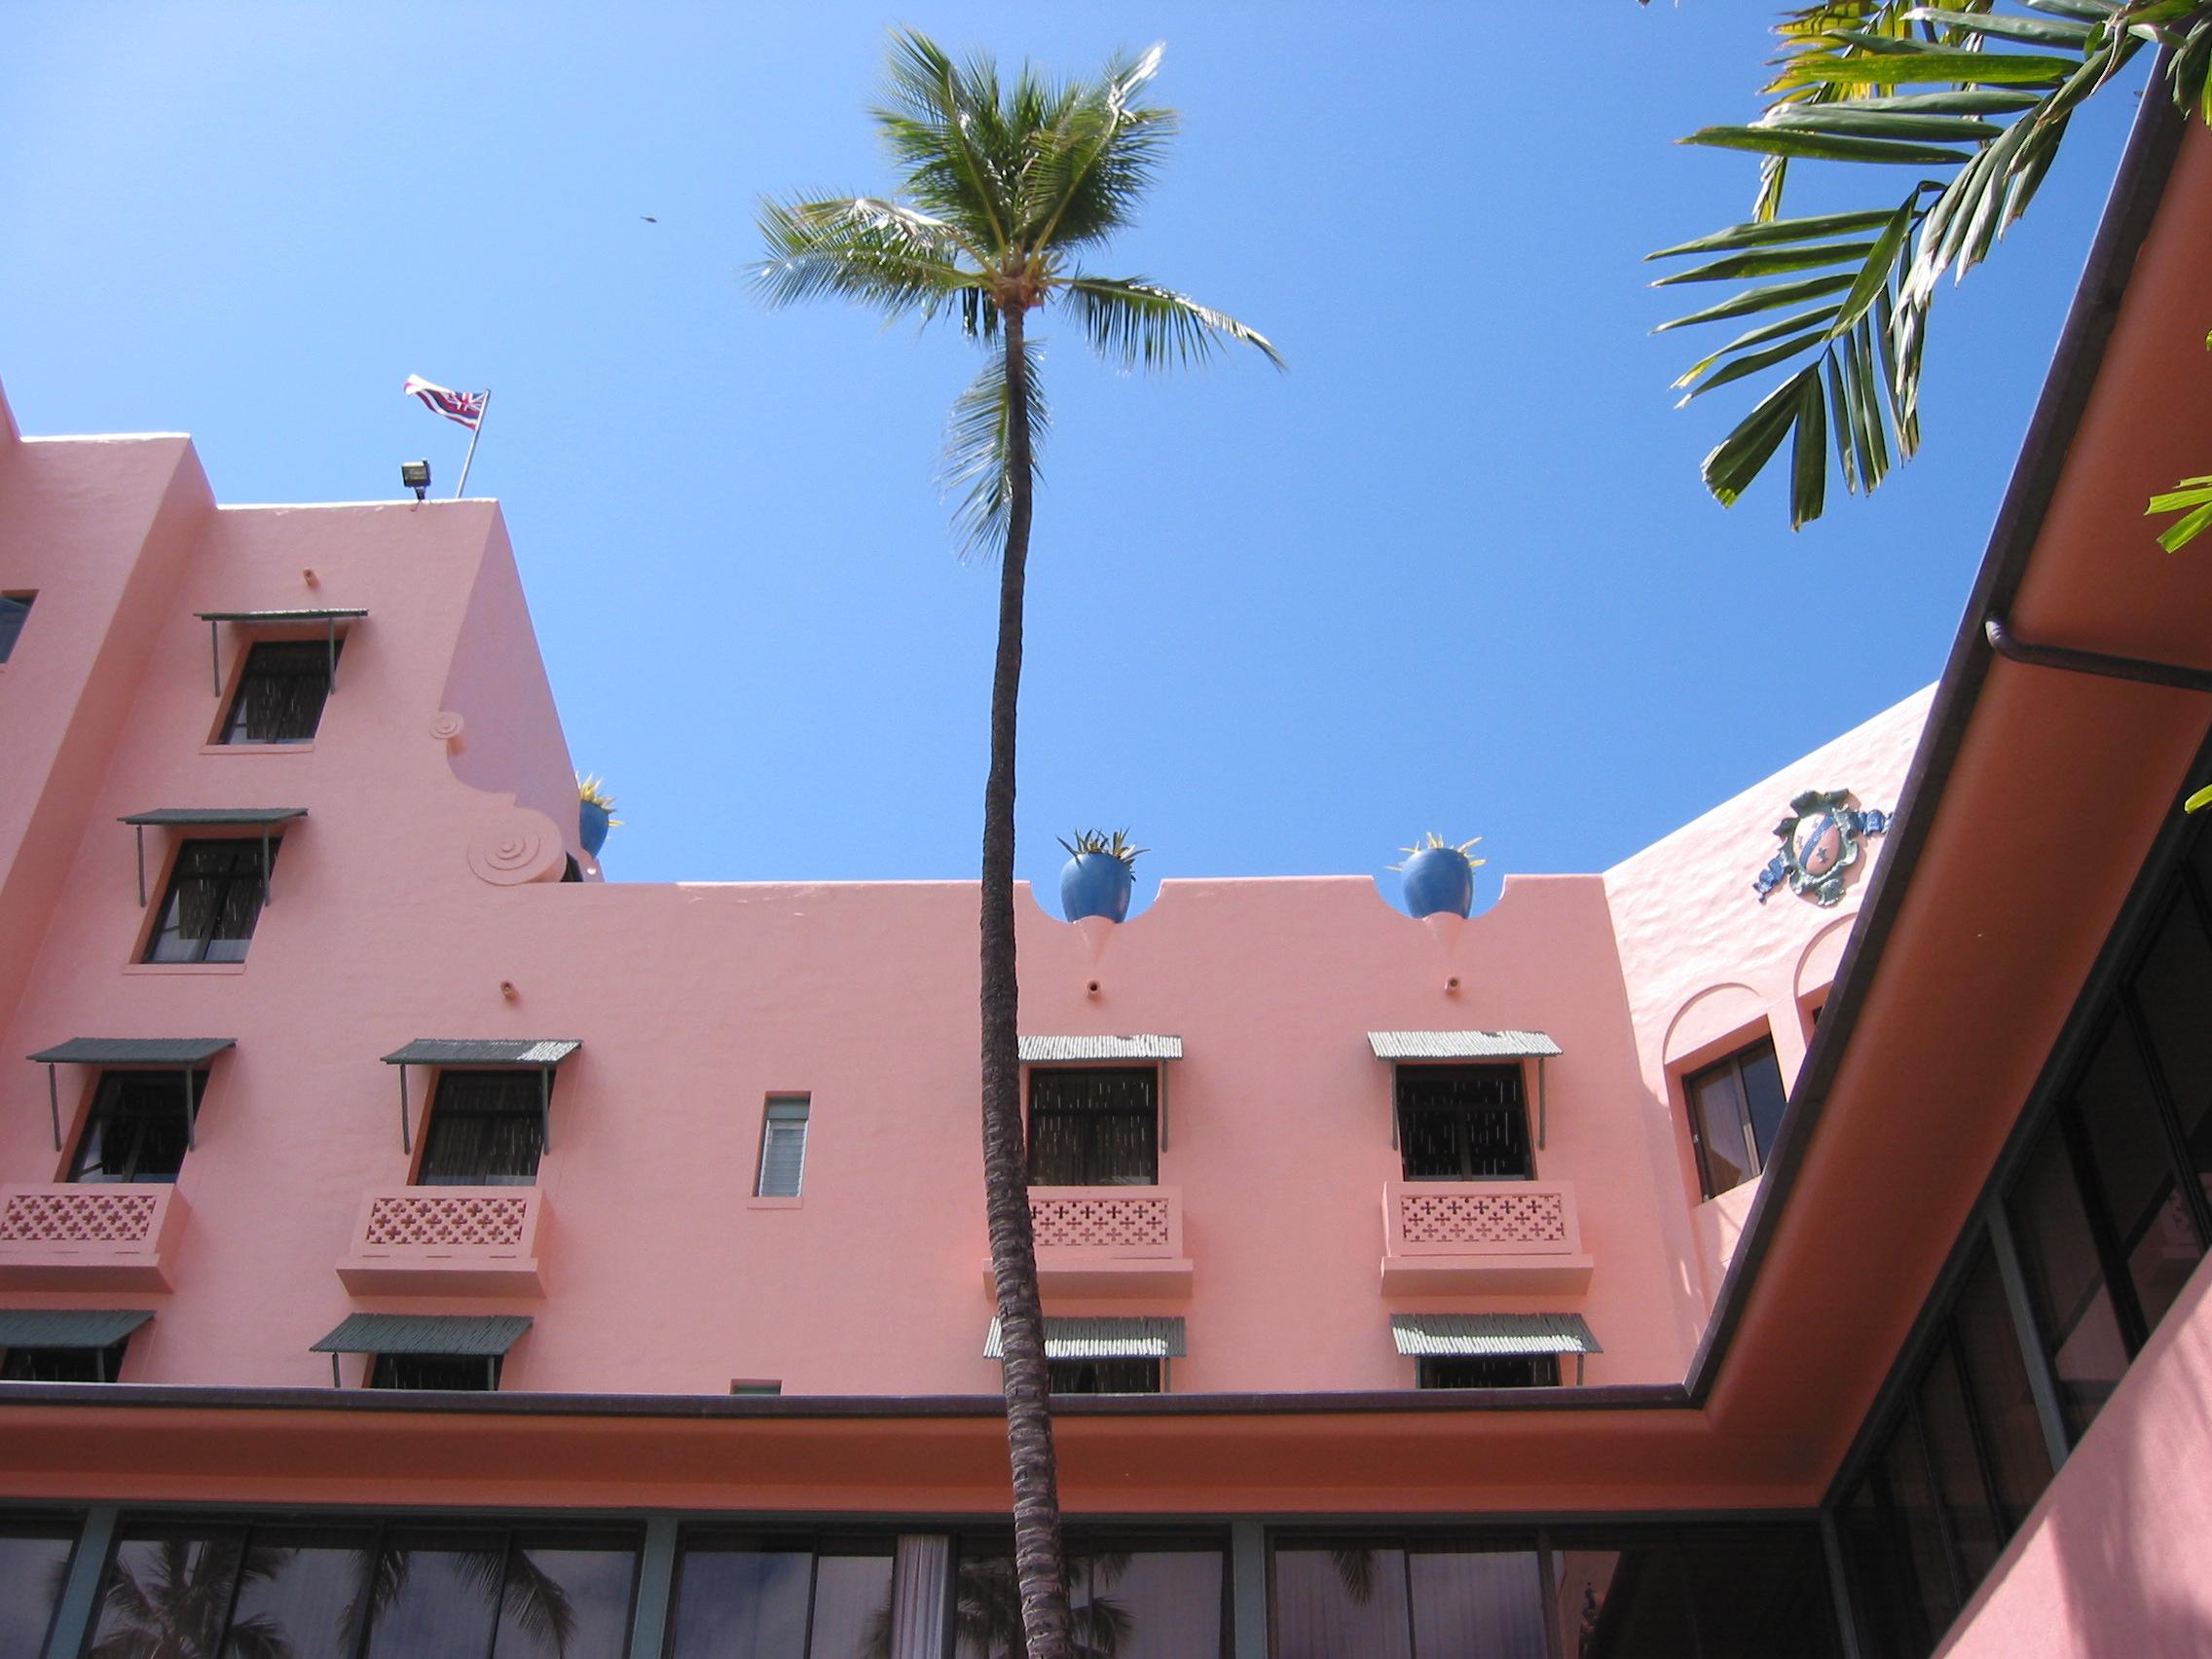 Royal Hawaiian Hotel - John Di Rienzo